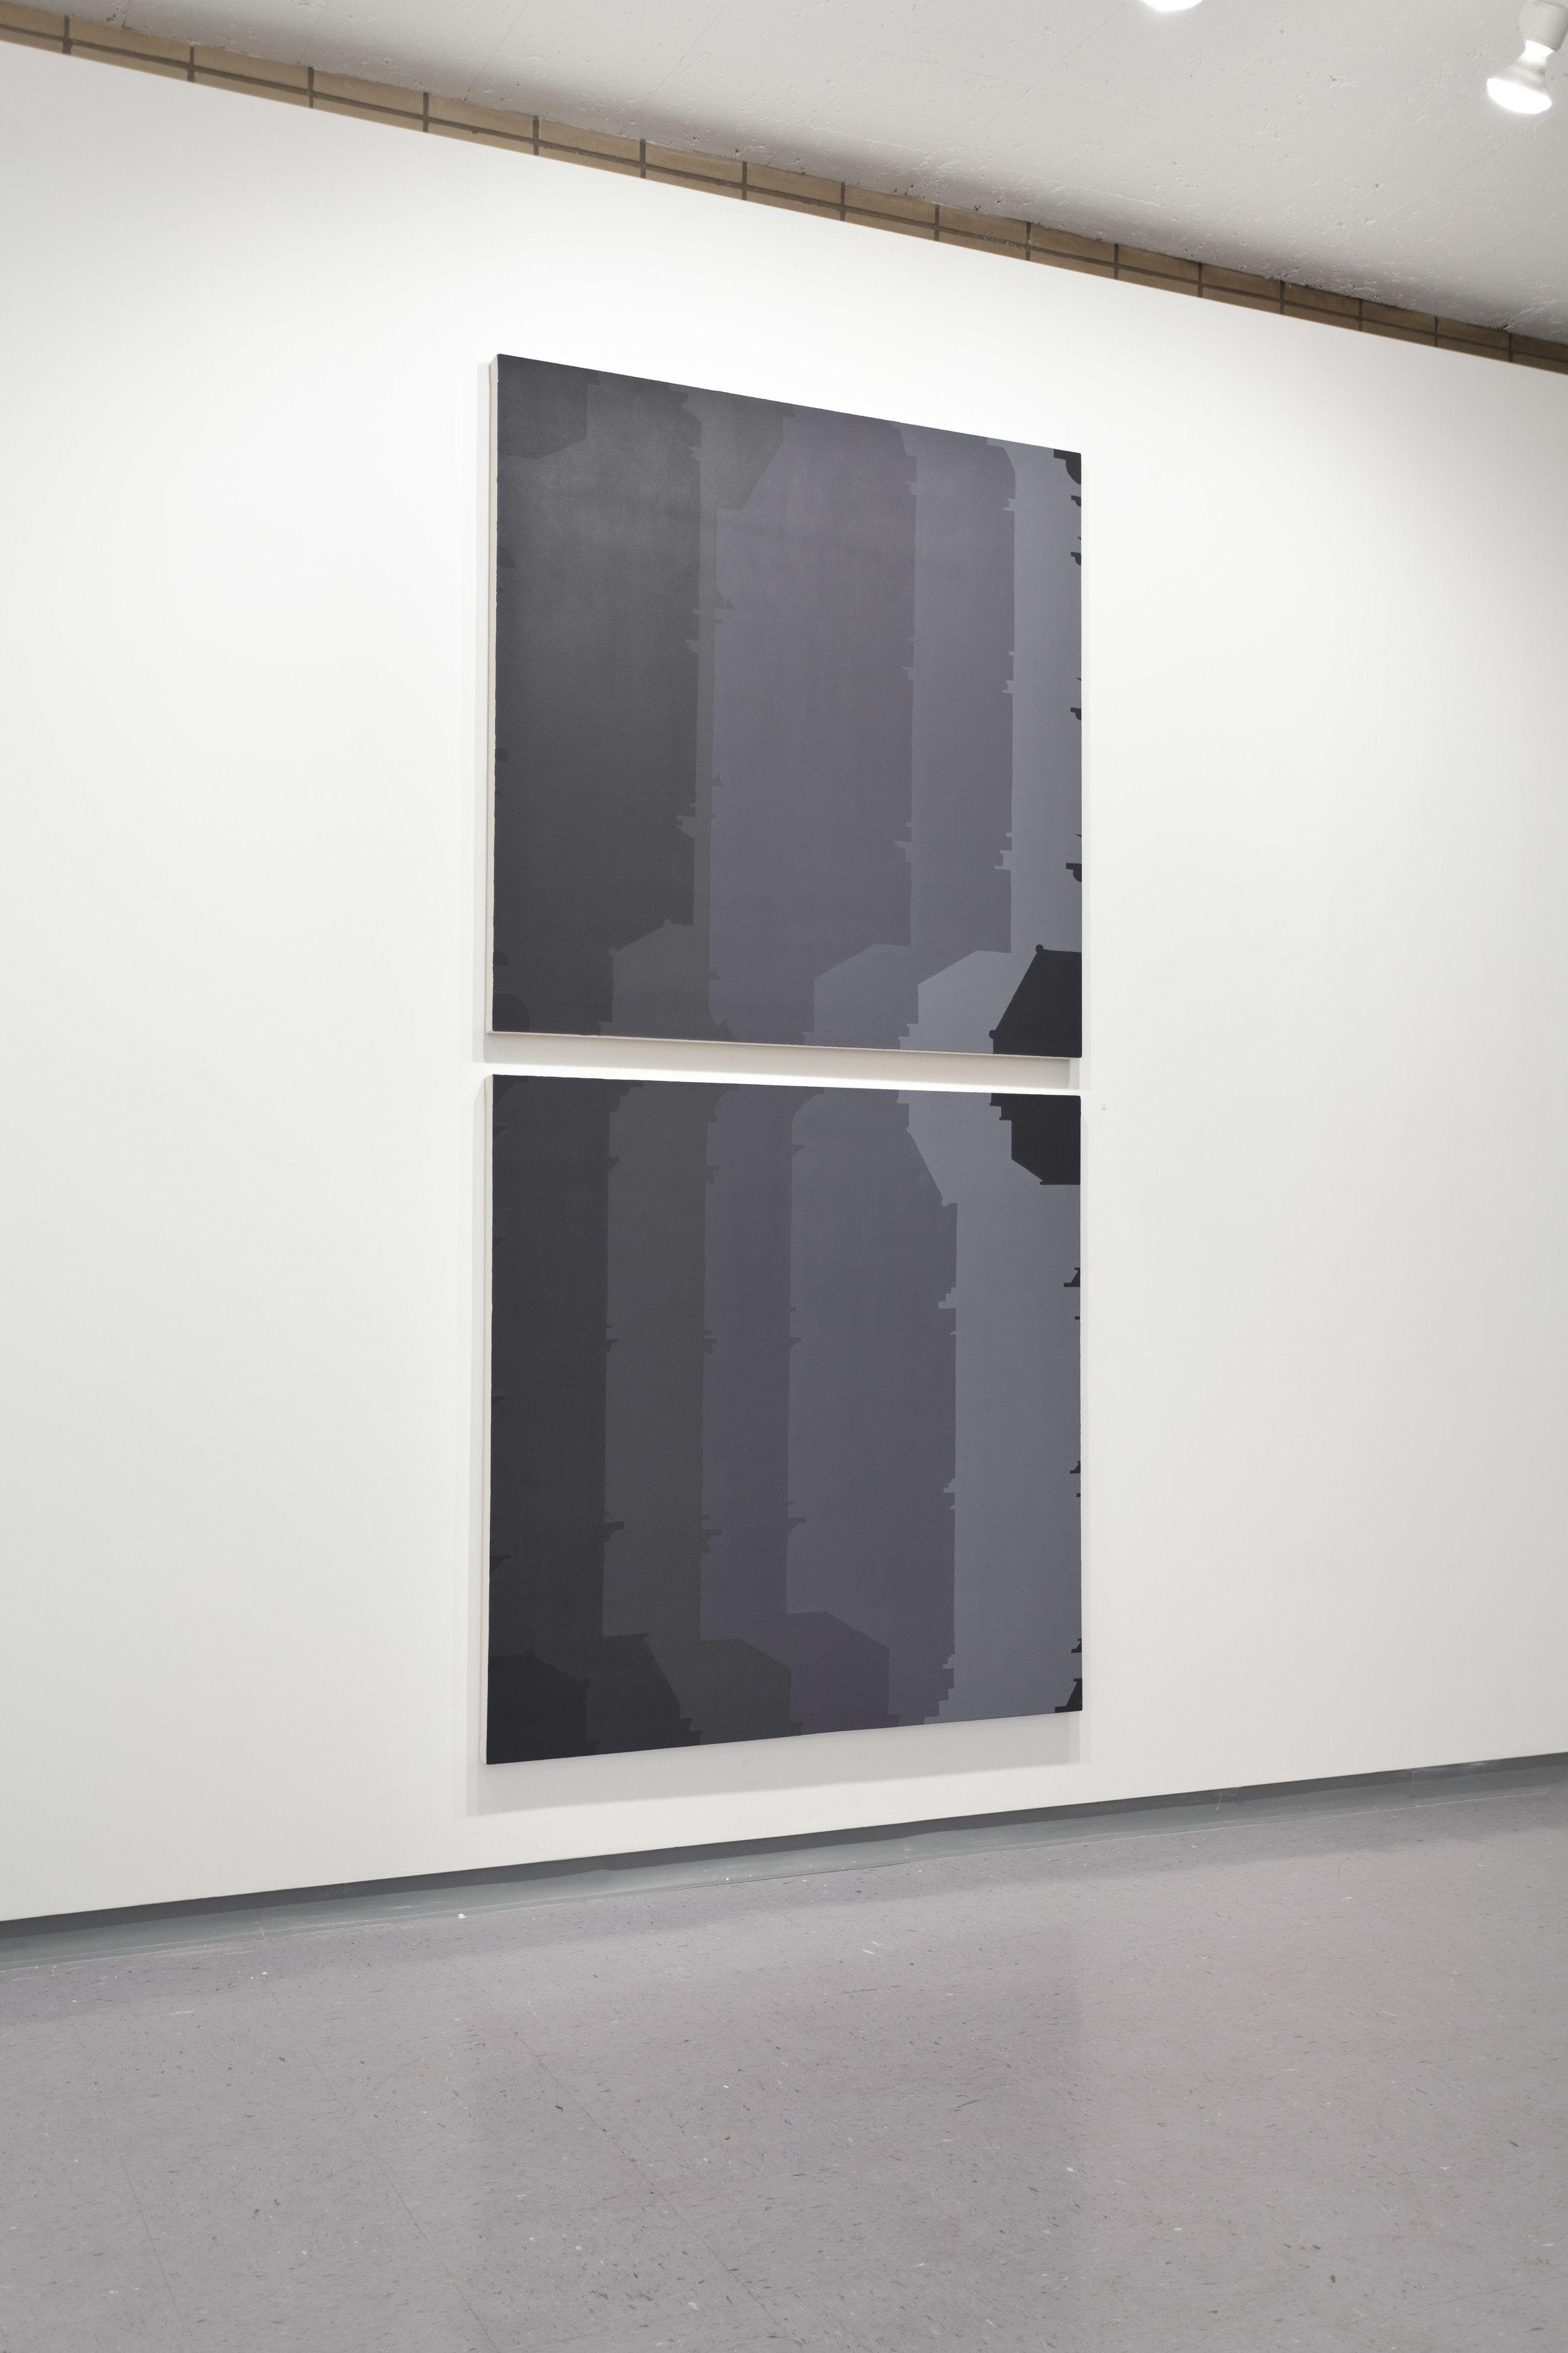 Façades 15, 2012  acrylic on canvas  99 x 48 inches (each canvas 48 x 48in.)